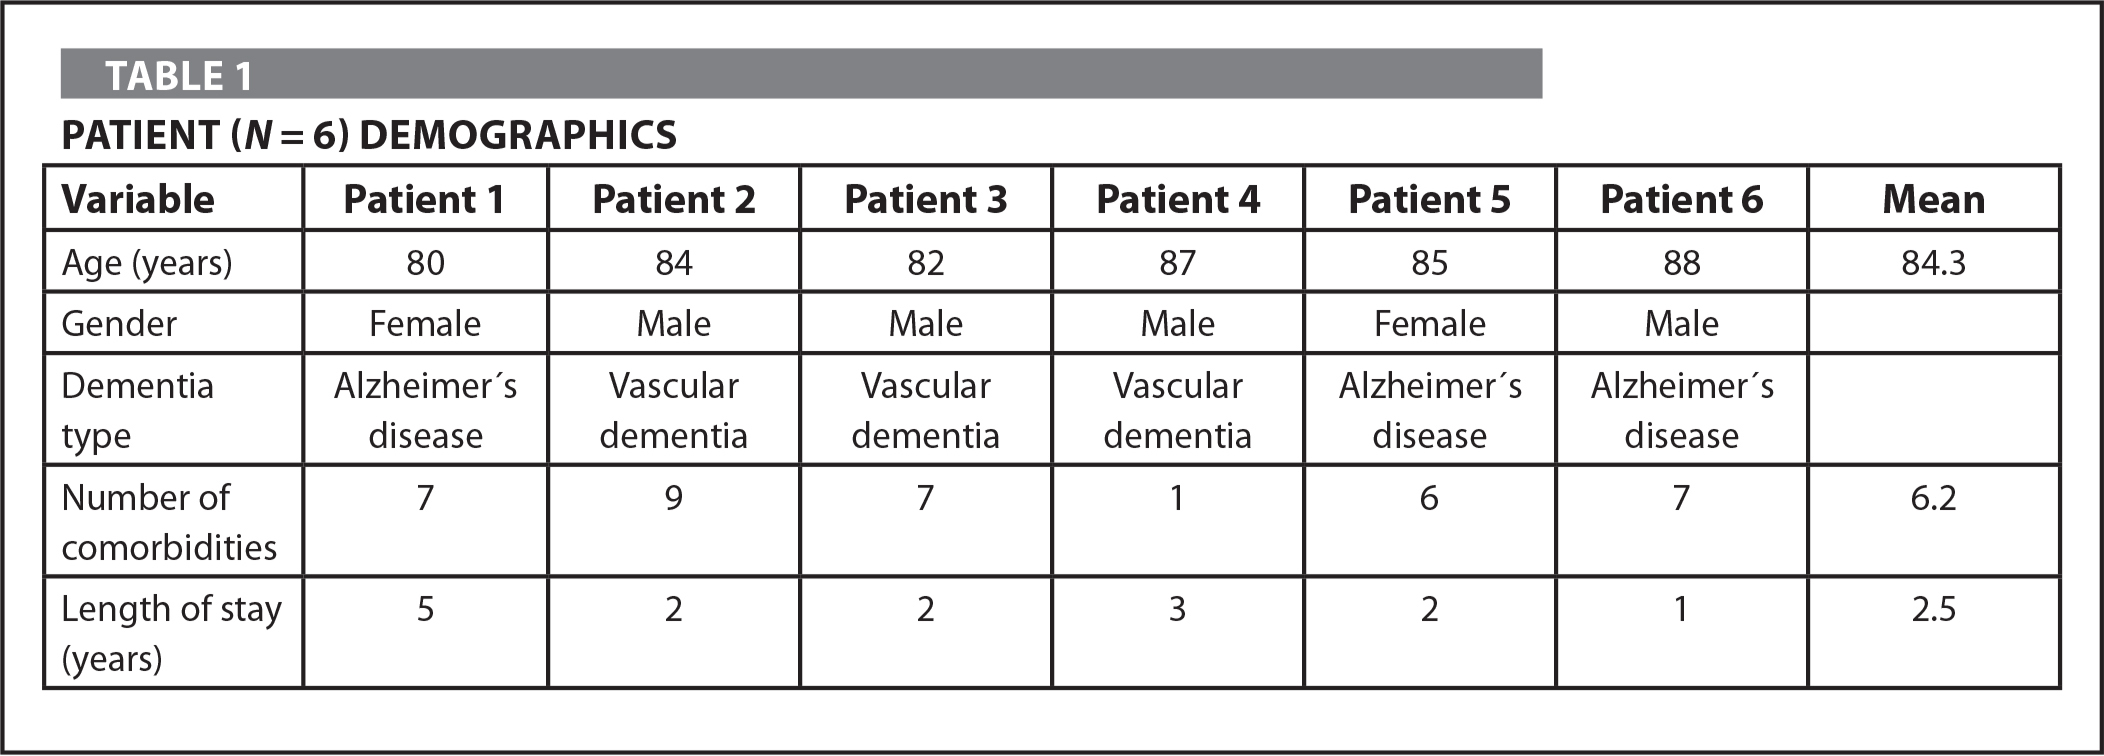 Patient (N = 6) Demographics